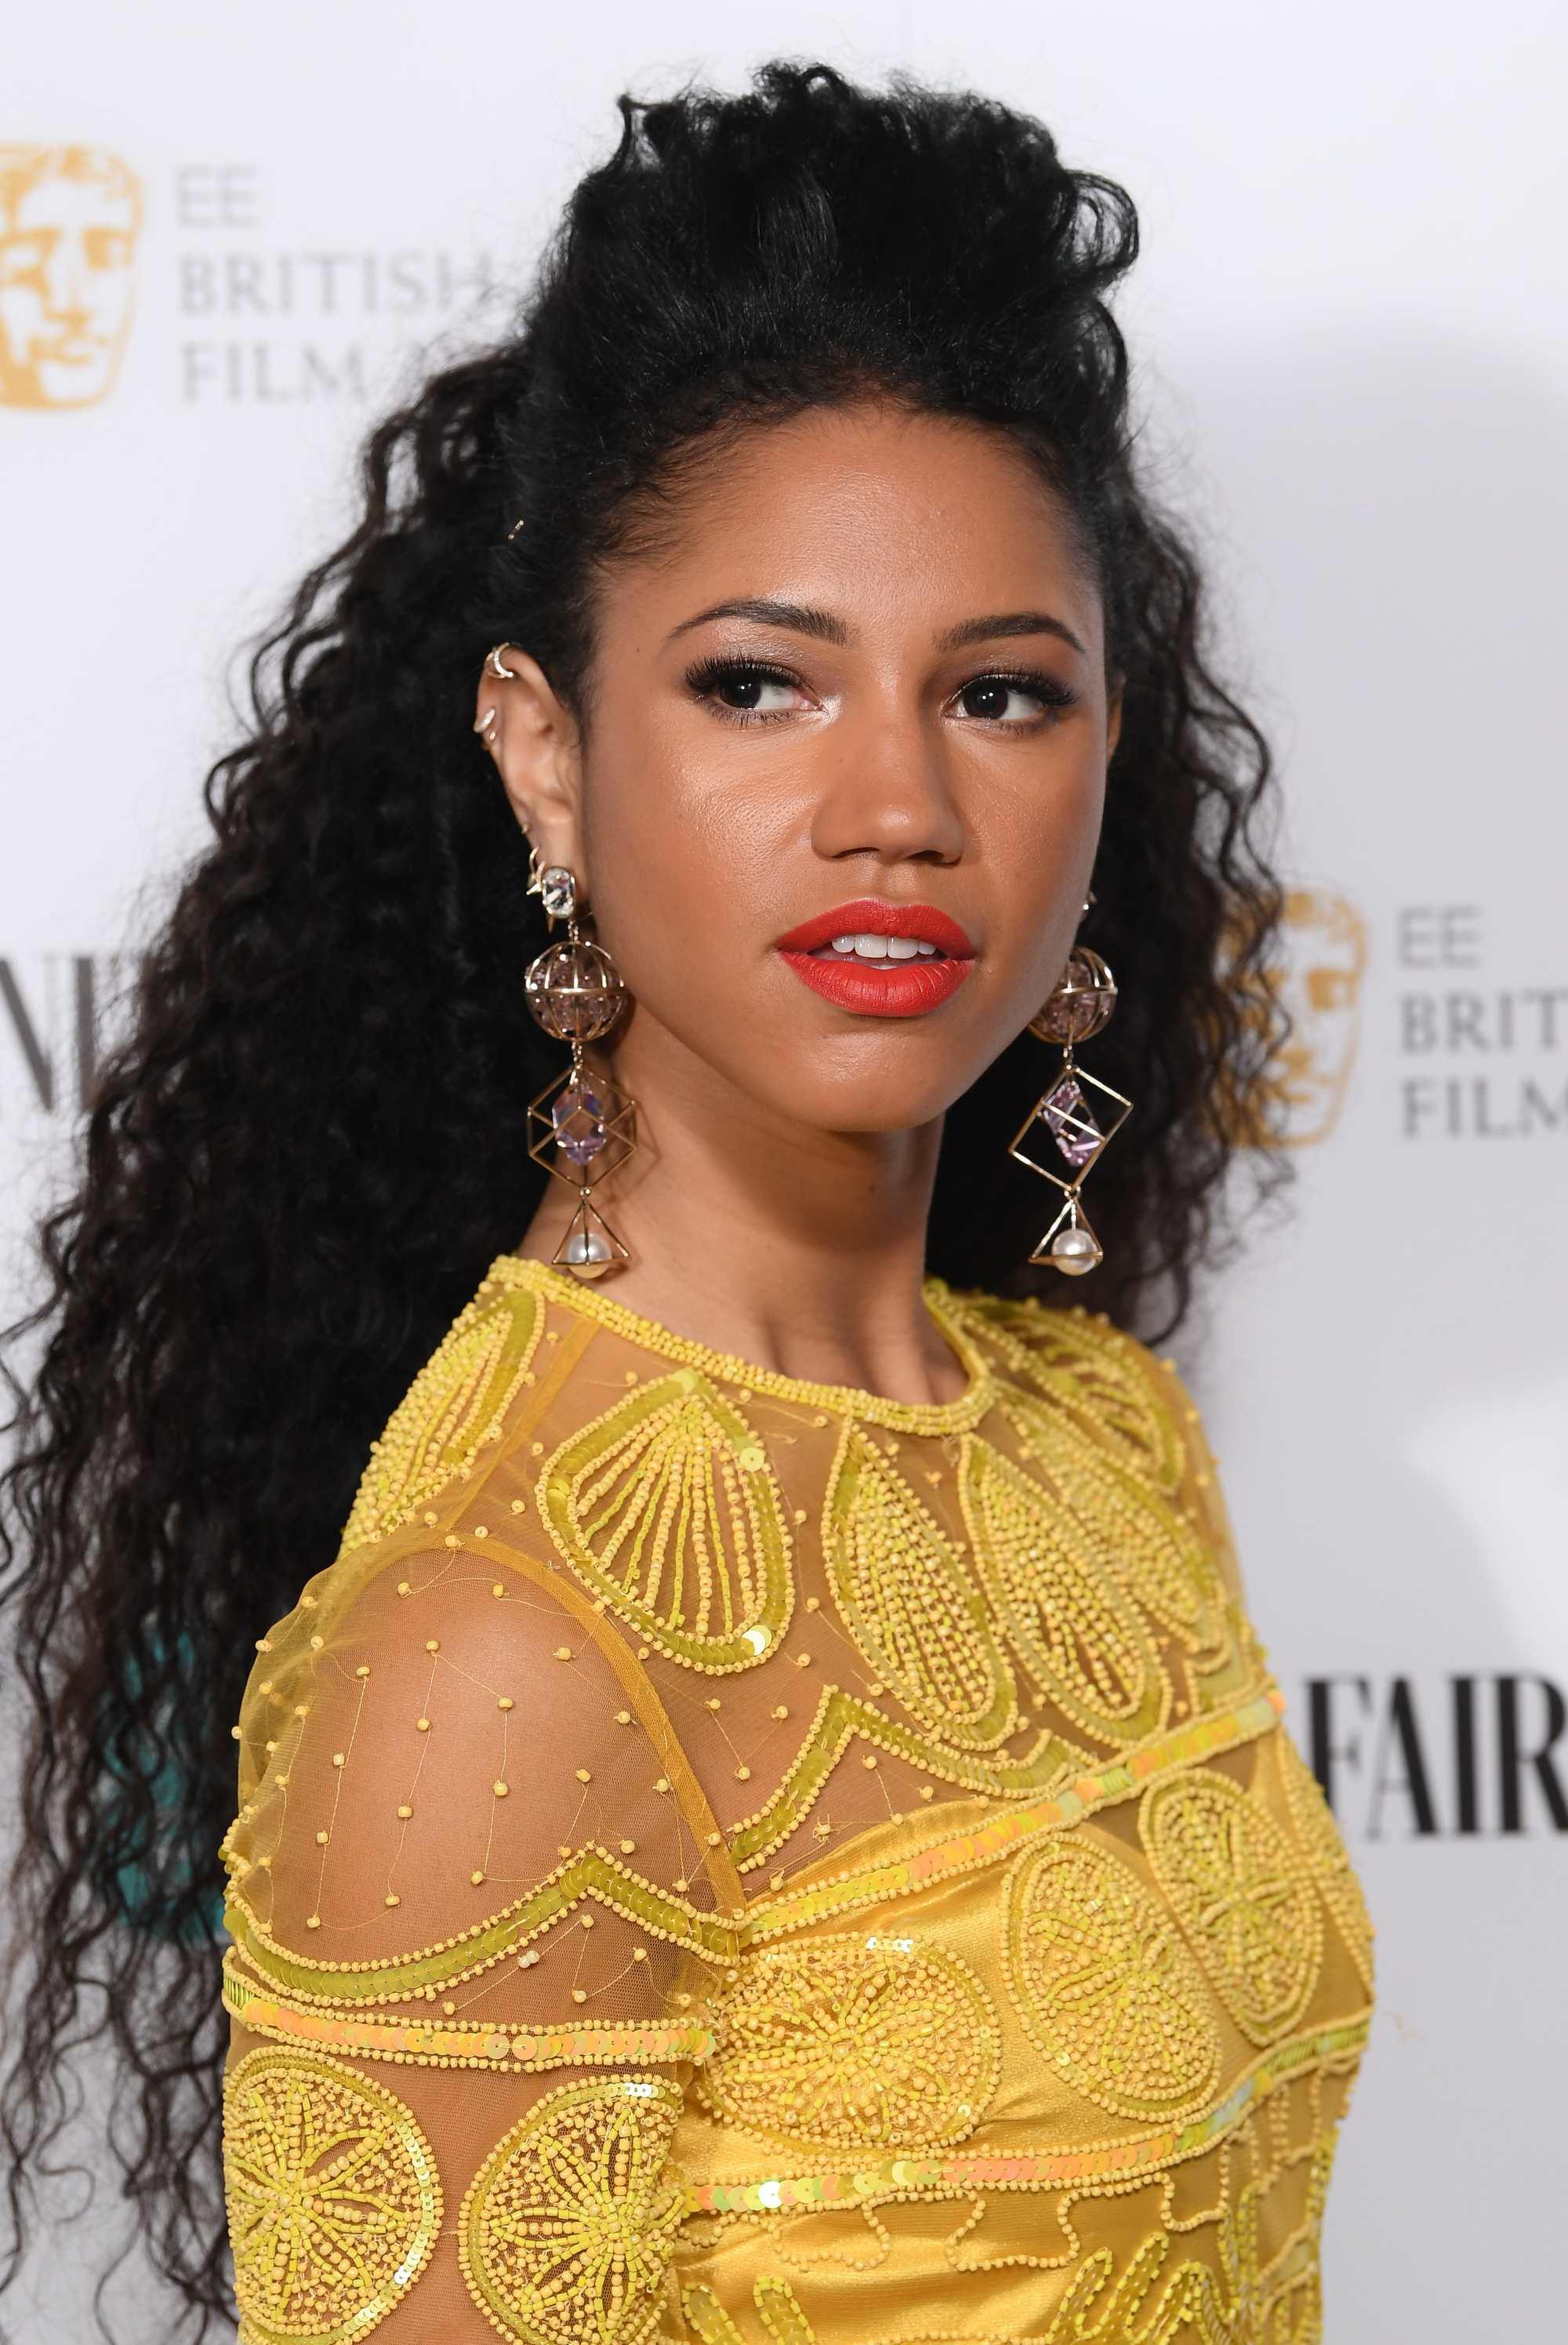 Célébrités de la Saint-Valentin : plan de côté de Vick Hope avec de longues boucles marron foncé, coiffée en chignon mi-hauteur, mi-en bas, portant une robe en dentelle jaune avec des boucles d'oreilles chic sur le tapis rouge